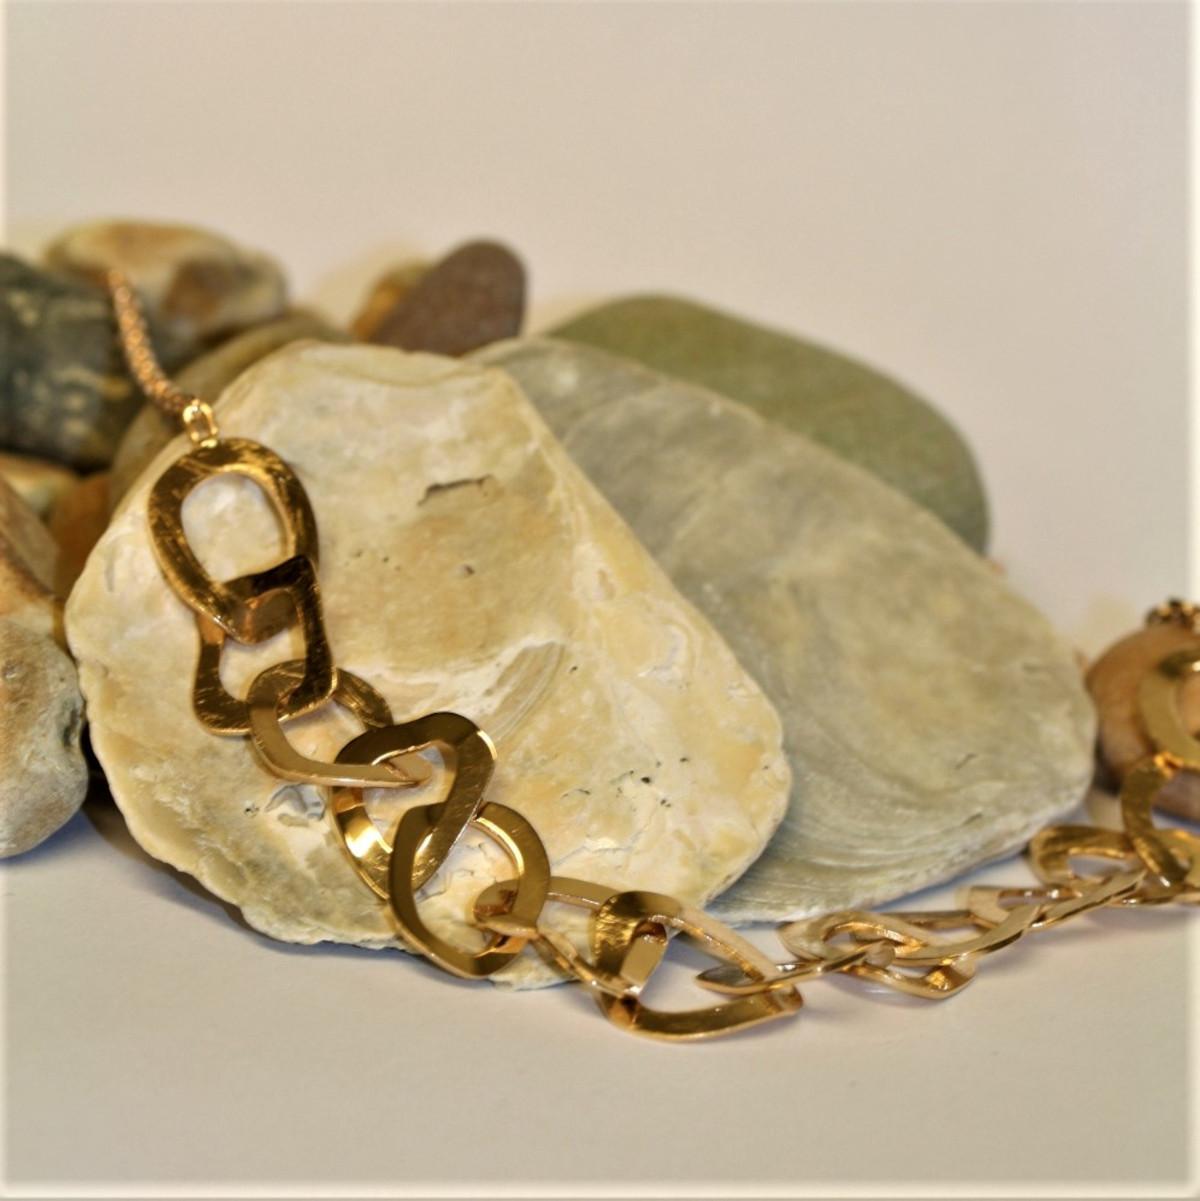 Omarbetning, guldsmycke, halsband i guld